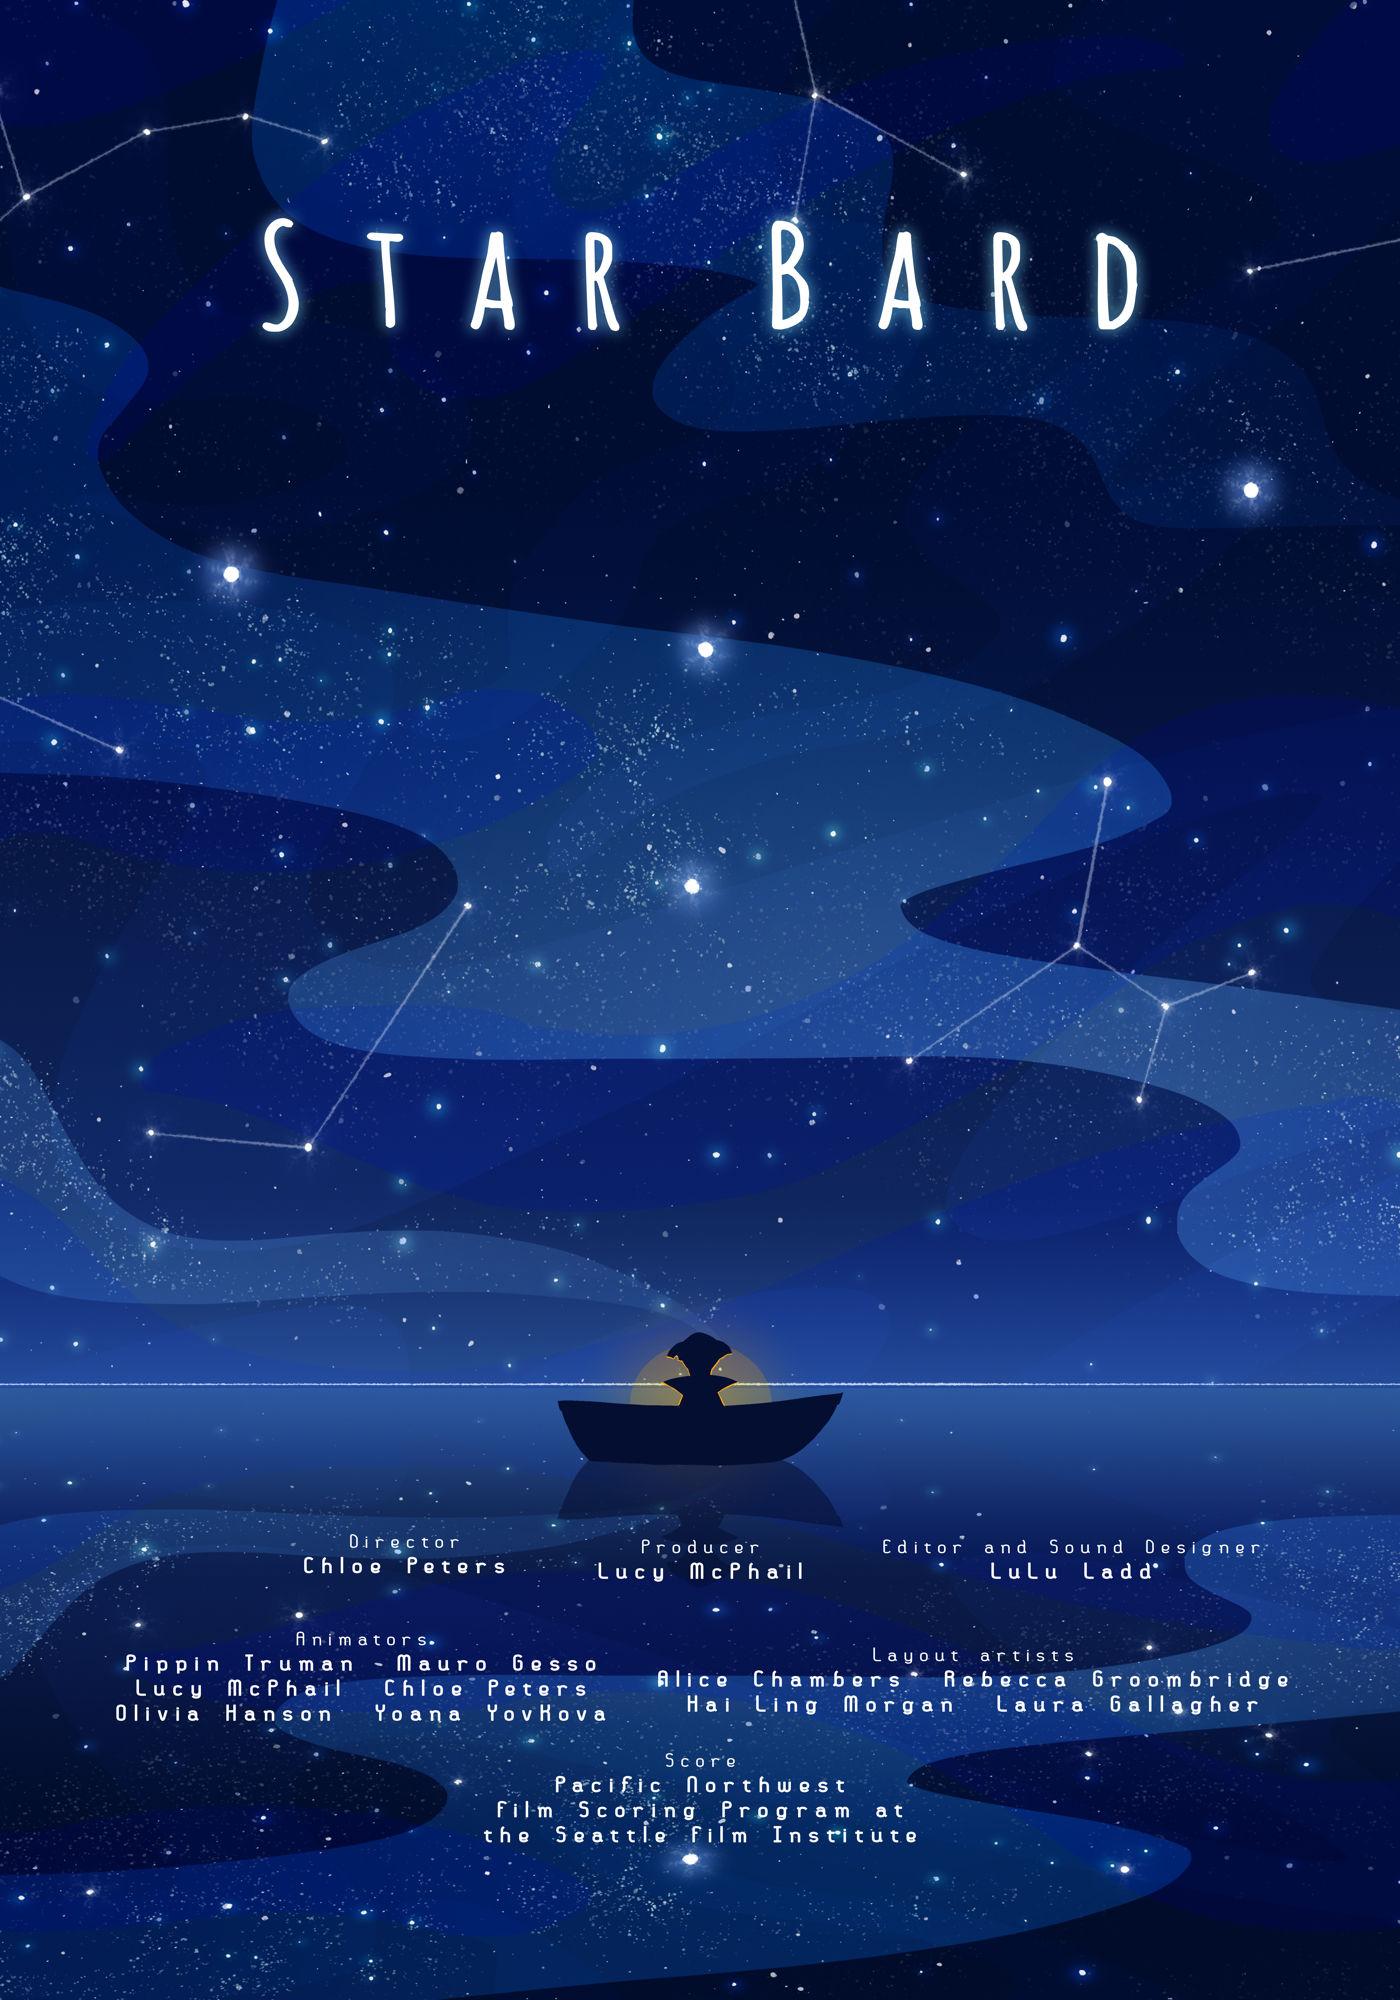 Star Bard